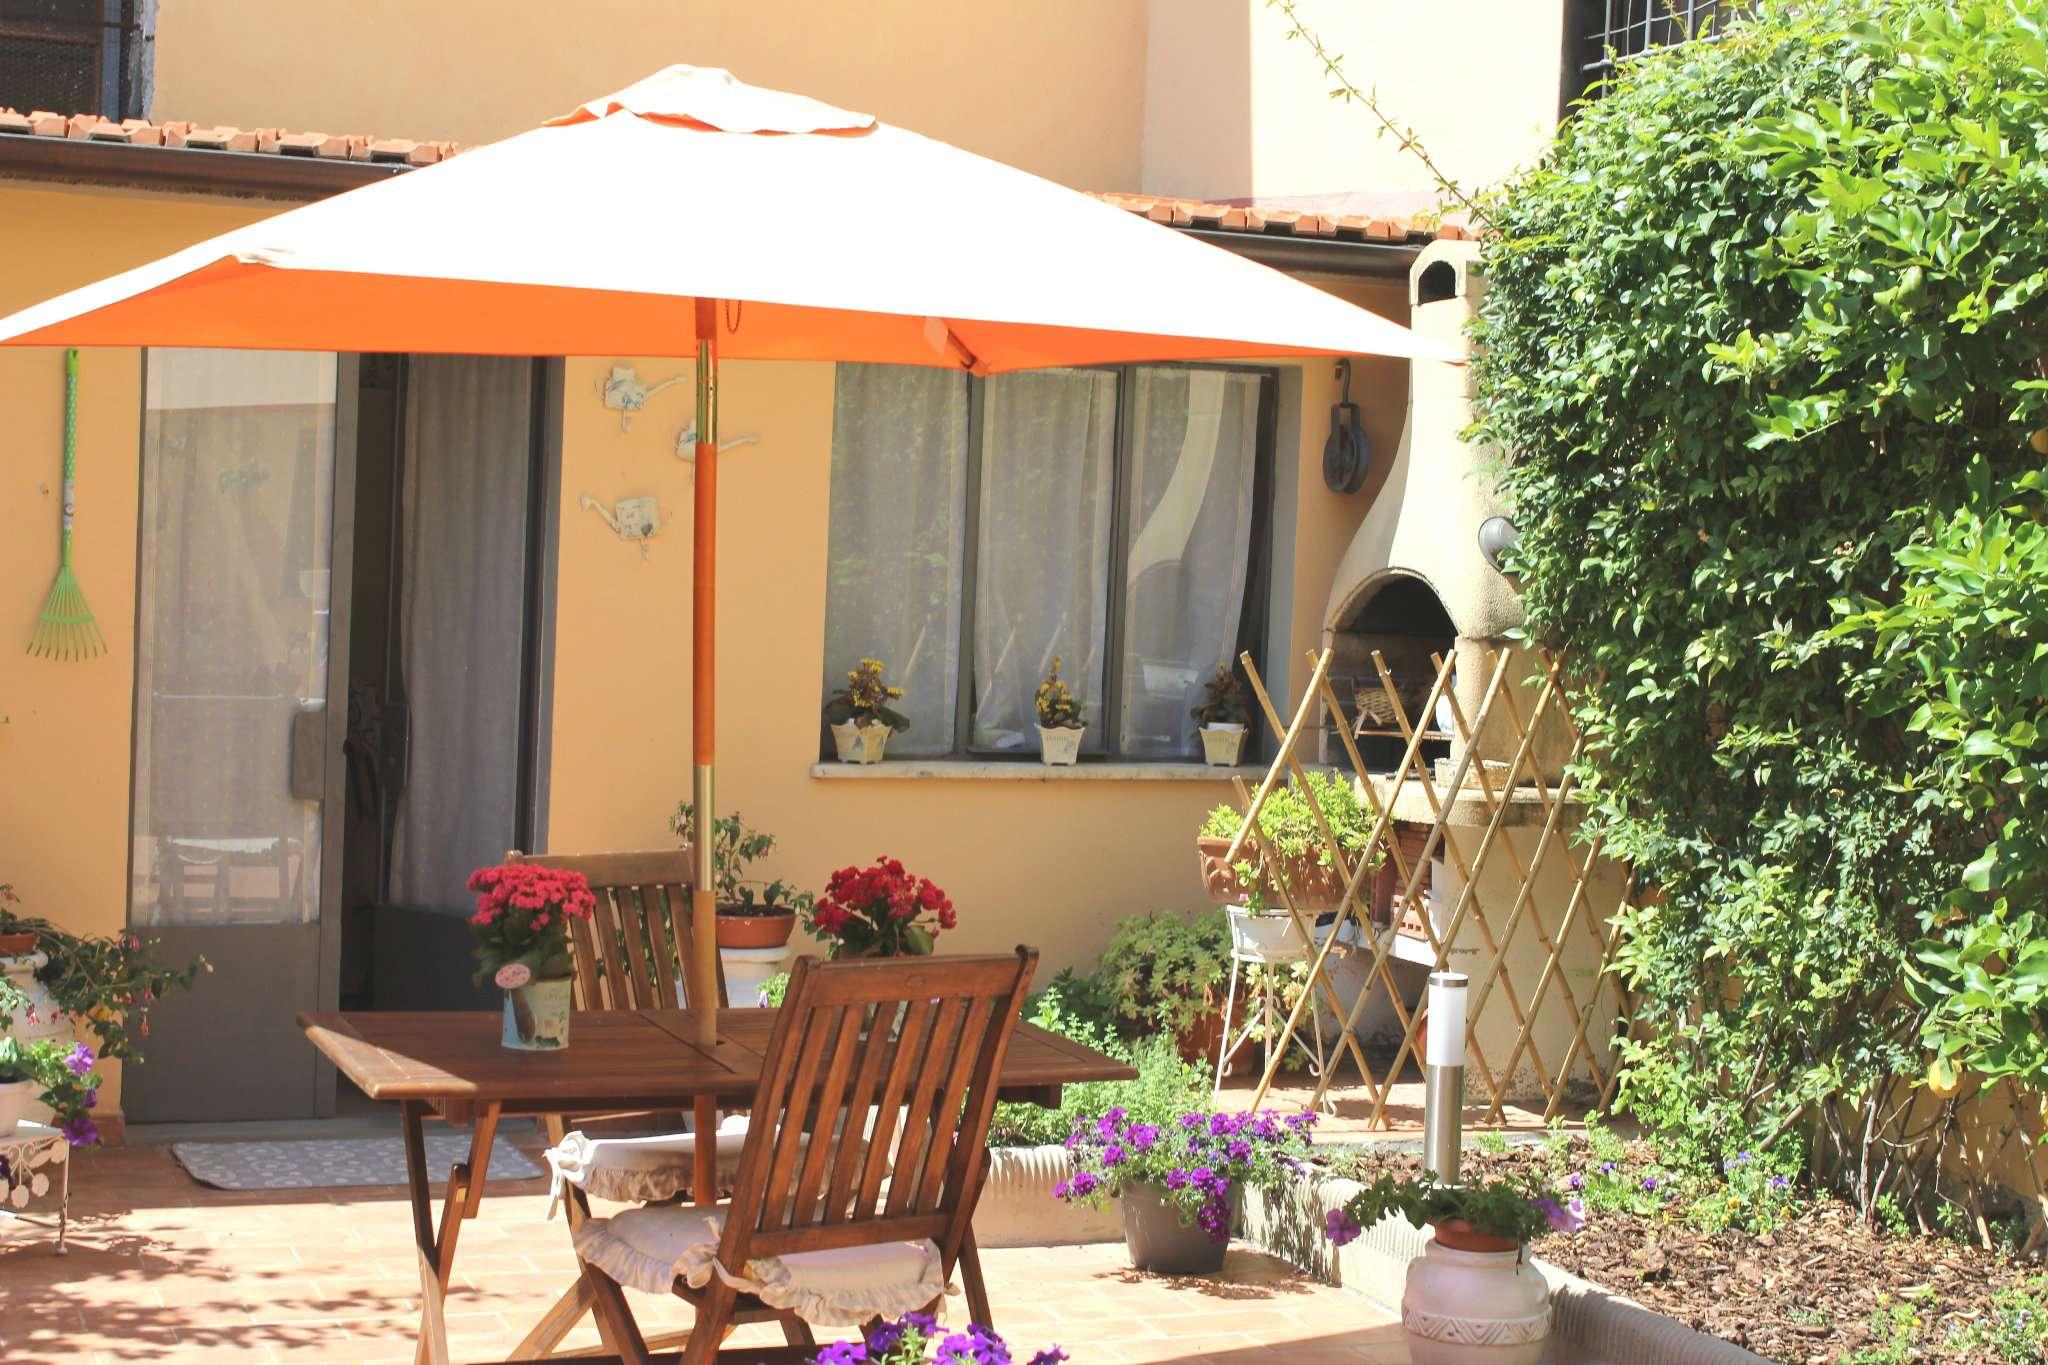 Soluzione Indipendente in vendita a Sesto Fiorentino, 5 locali, prezzo € 445.000 | Cambio Casa.it